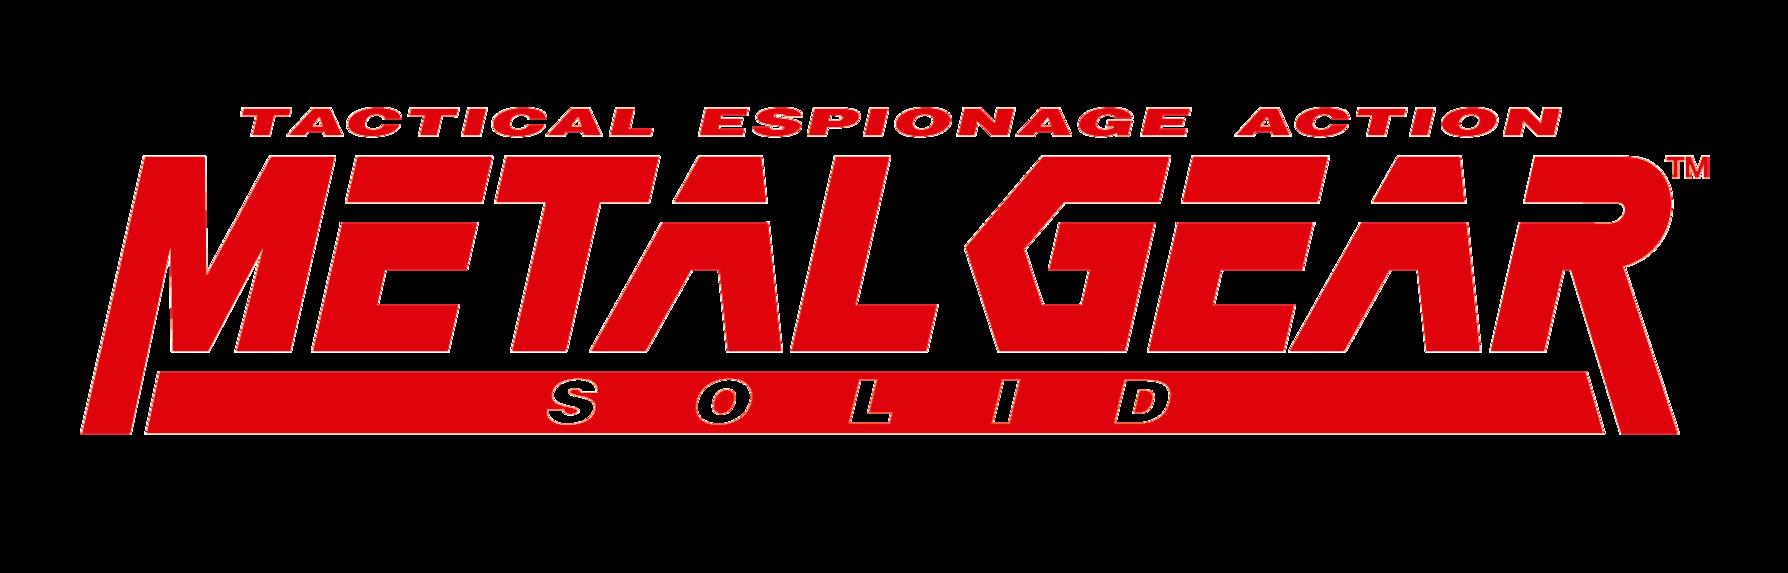 Metal Gear Solid - La información completa y la venta en